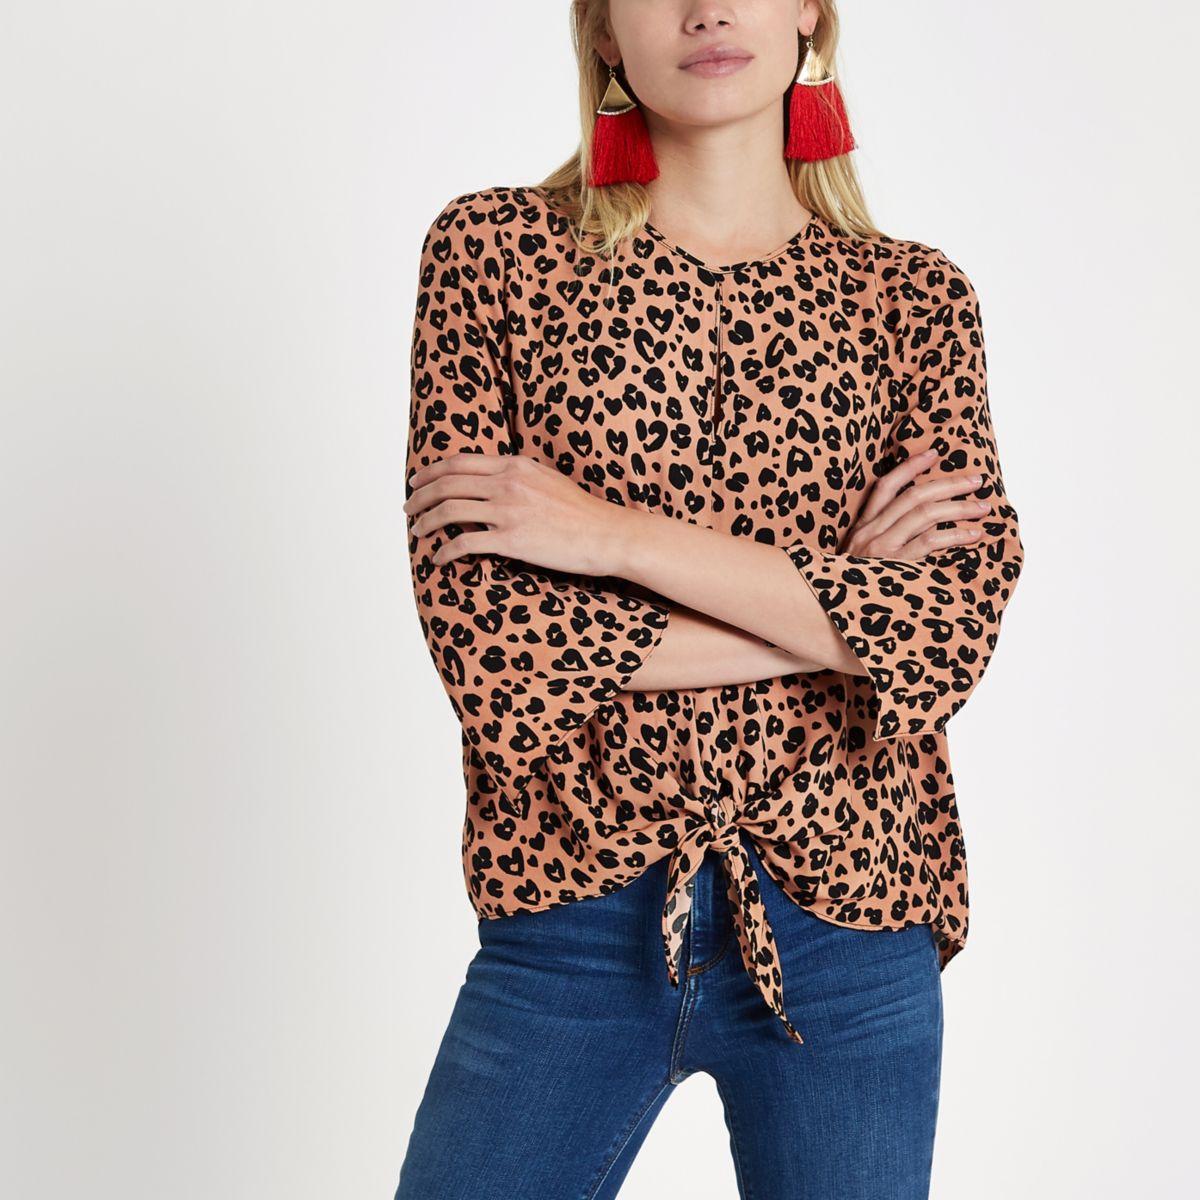 Bruine top met luipaardprint en strikceintuur